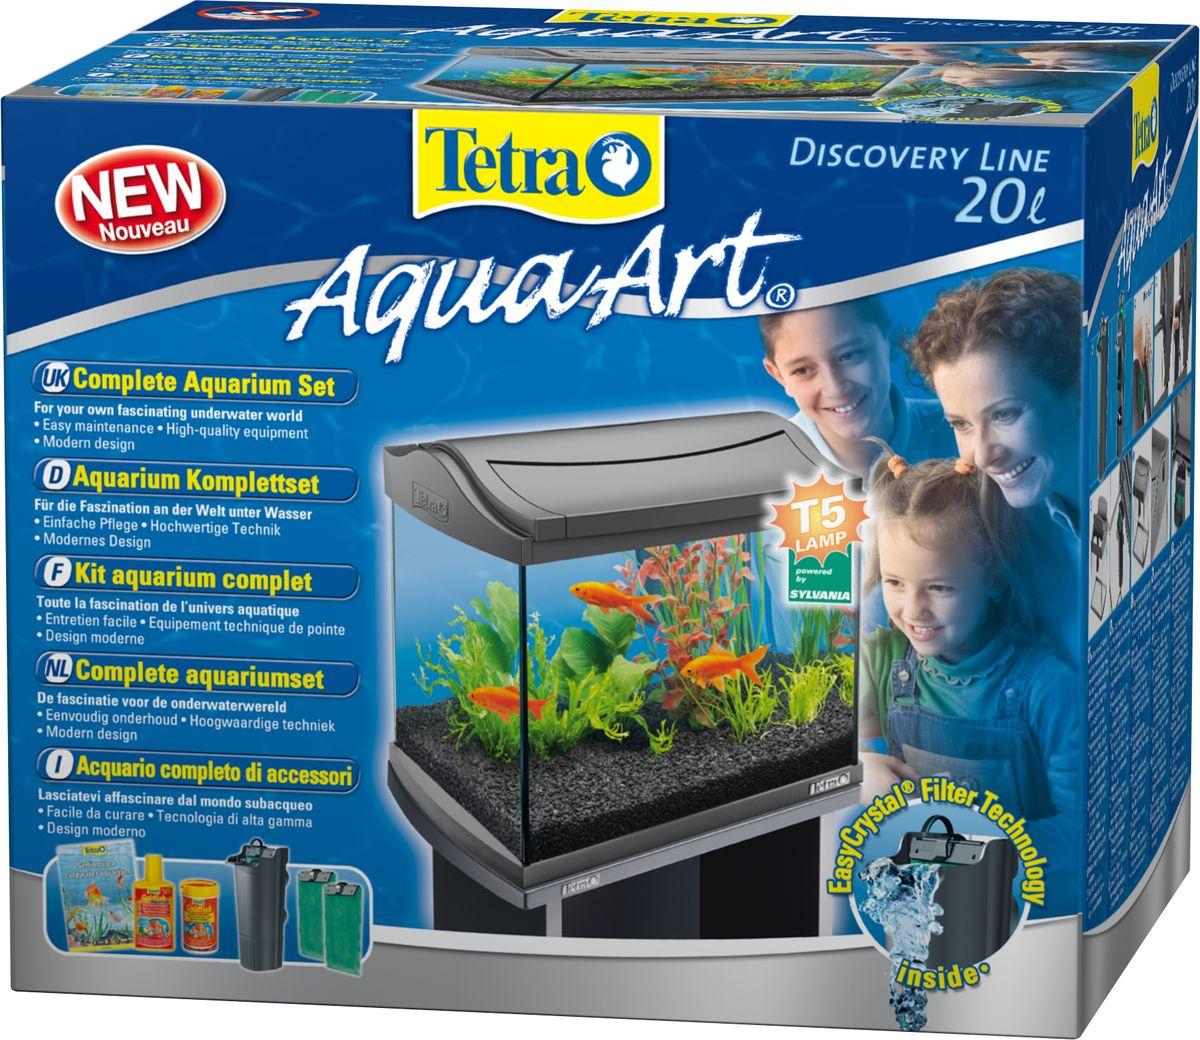 Фото - Аквариумный комплекс Tetra AquaArt, цвет: серый, 20 л аквариумный комплекс tetra aquaart цвет серый 20 л